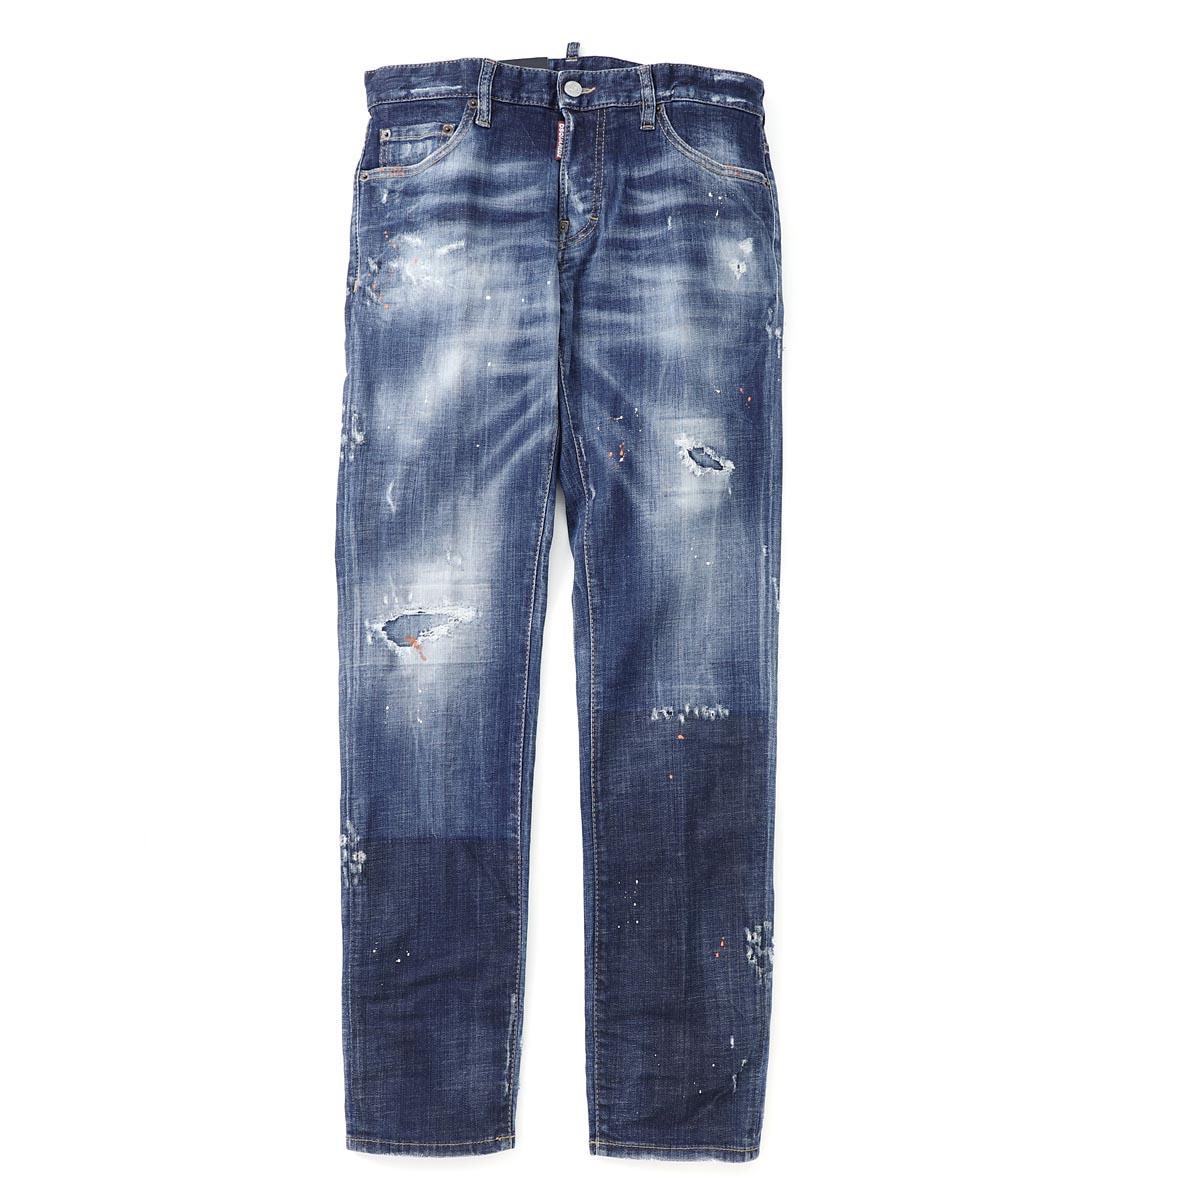 メンズファッション, ズボン・パンツ  DSQUARED2 s74lb0688 s30342 470 SLIM JEAN